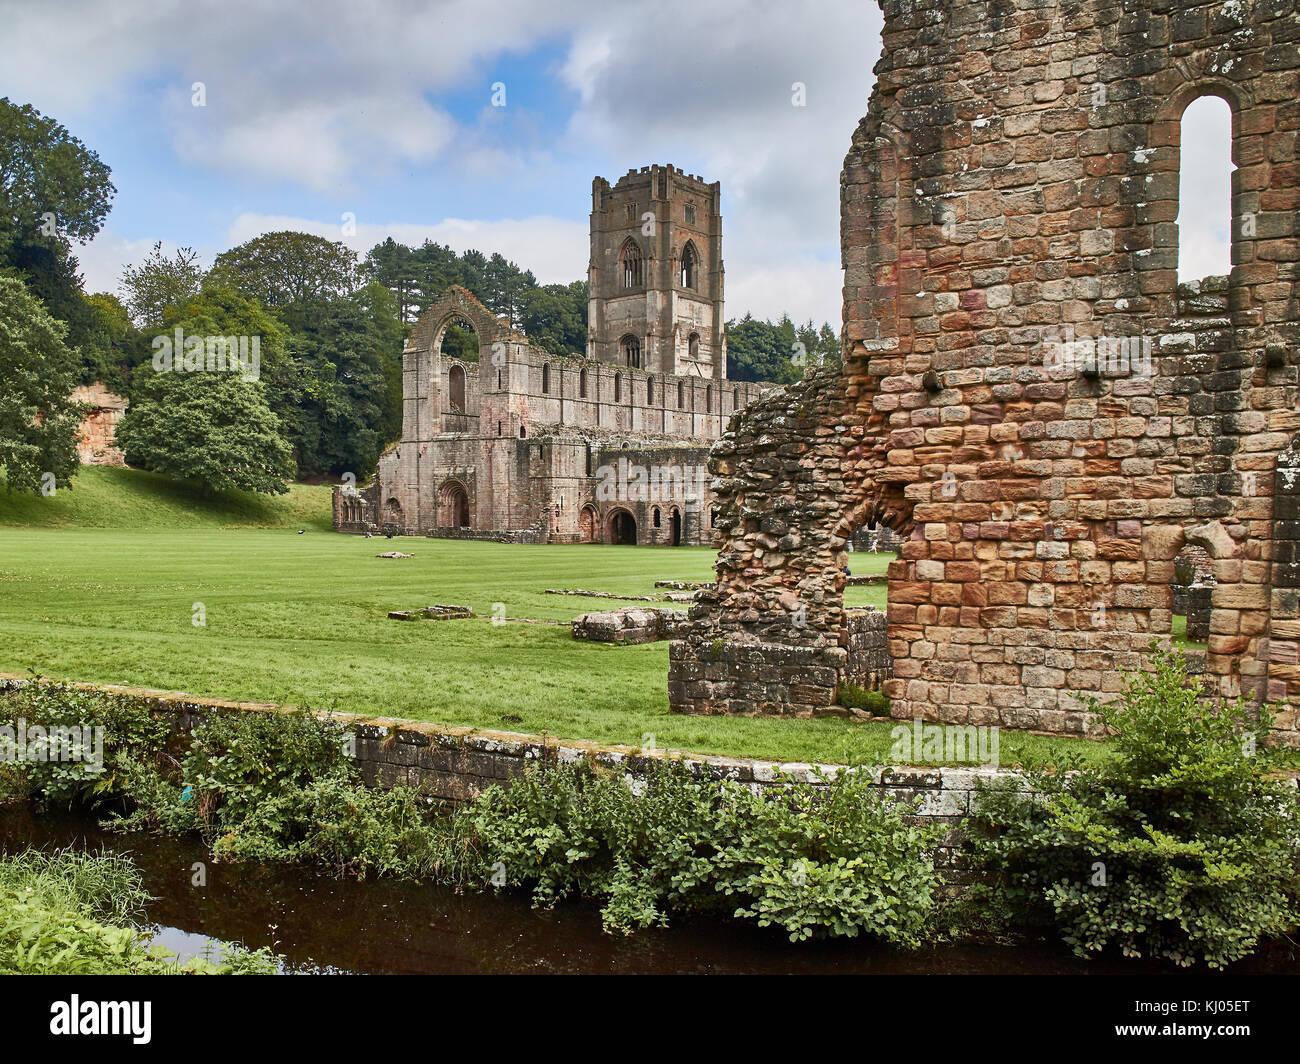 Inghilterra, NorthYorkshire; le rovine del XII secolo Abbazia Cistercense noto come Fountains Abbey, uno dei migliori Foto Stock